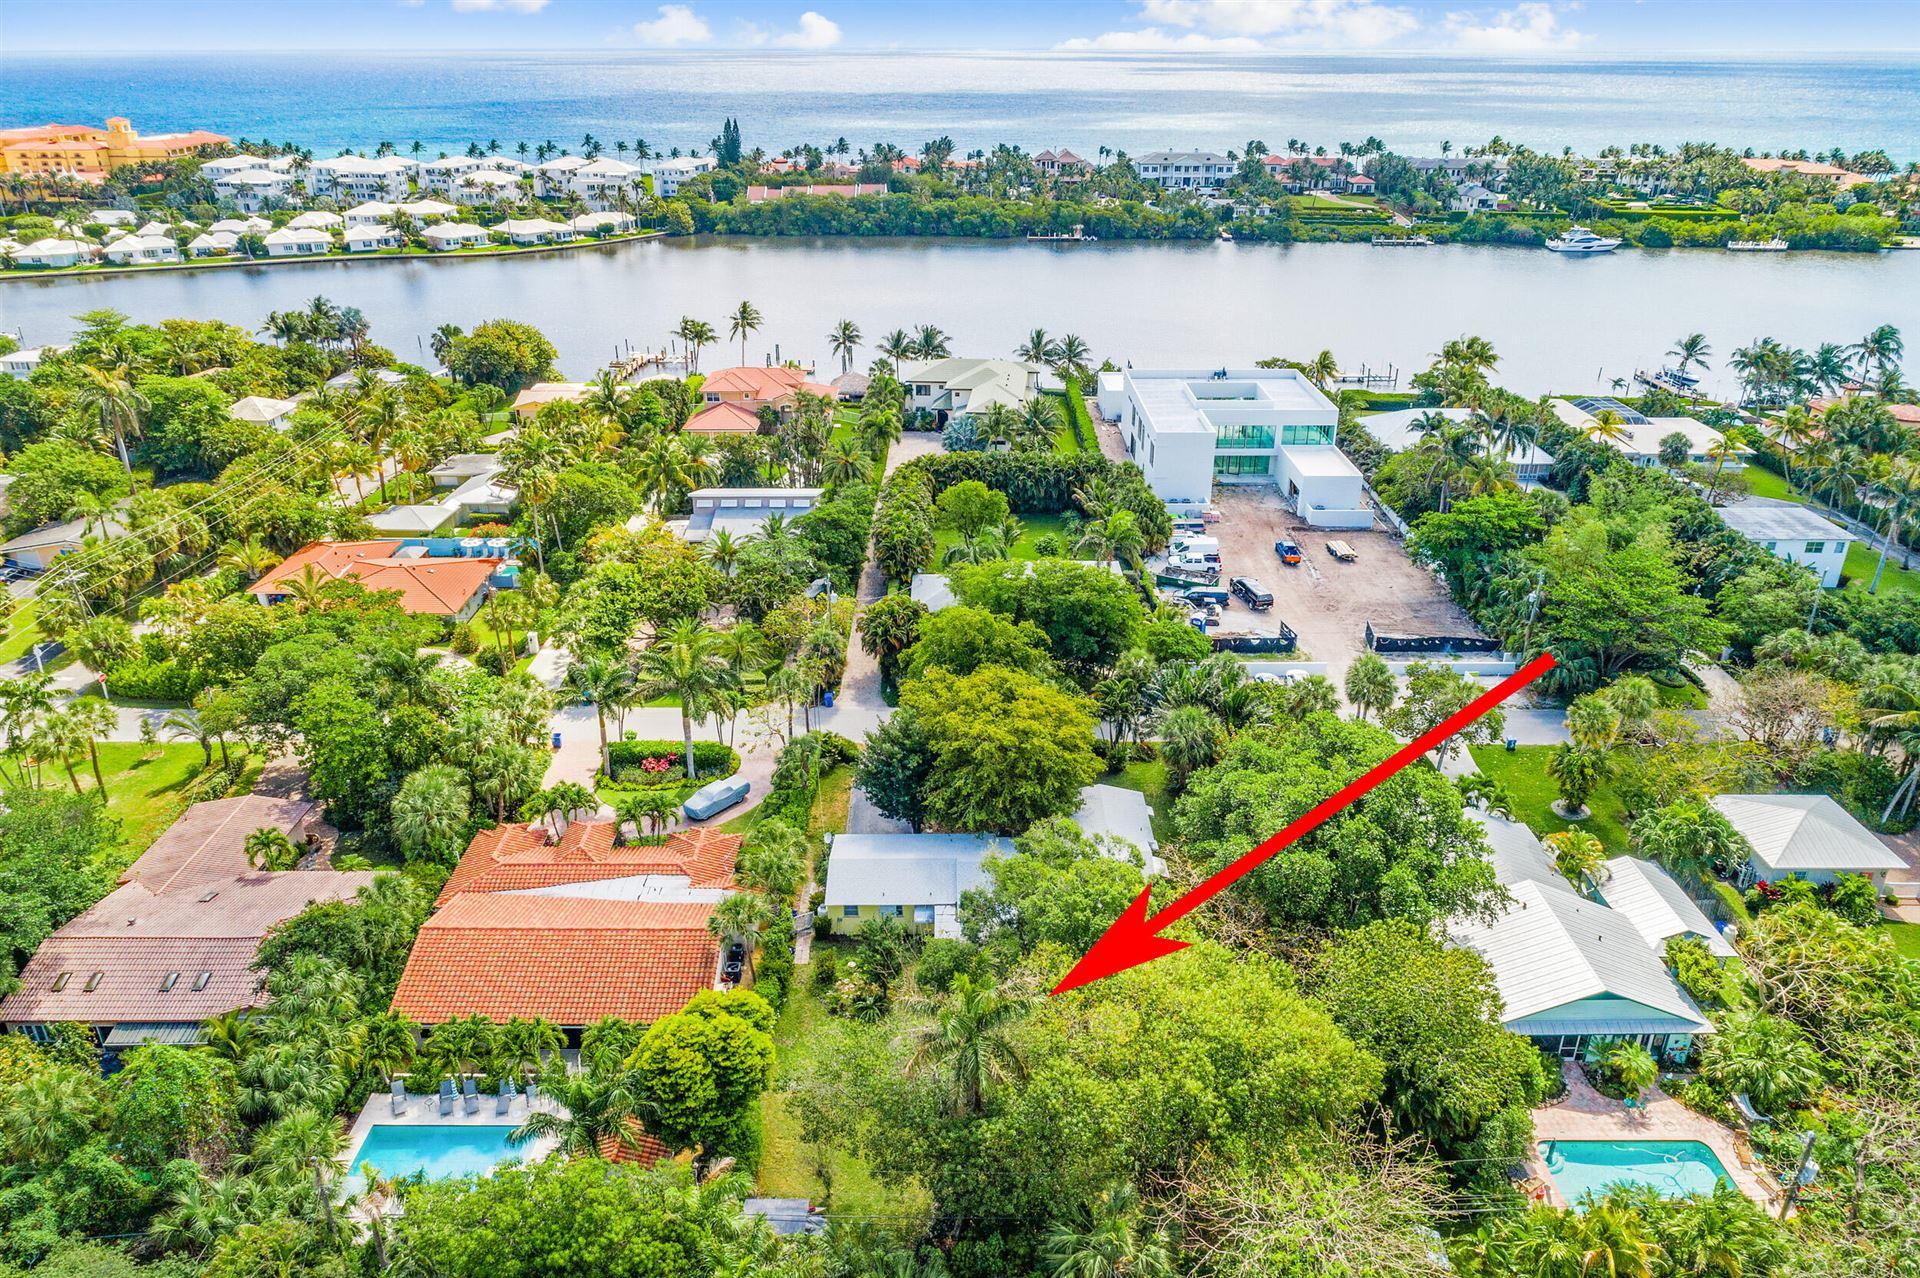 HYPOLUXO ISLAND ADD IN Properties For Sale